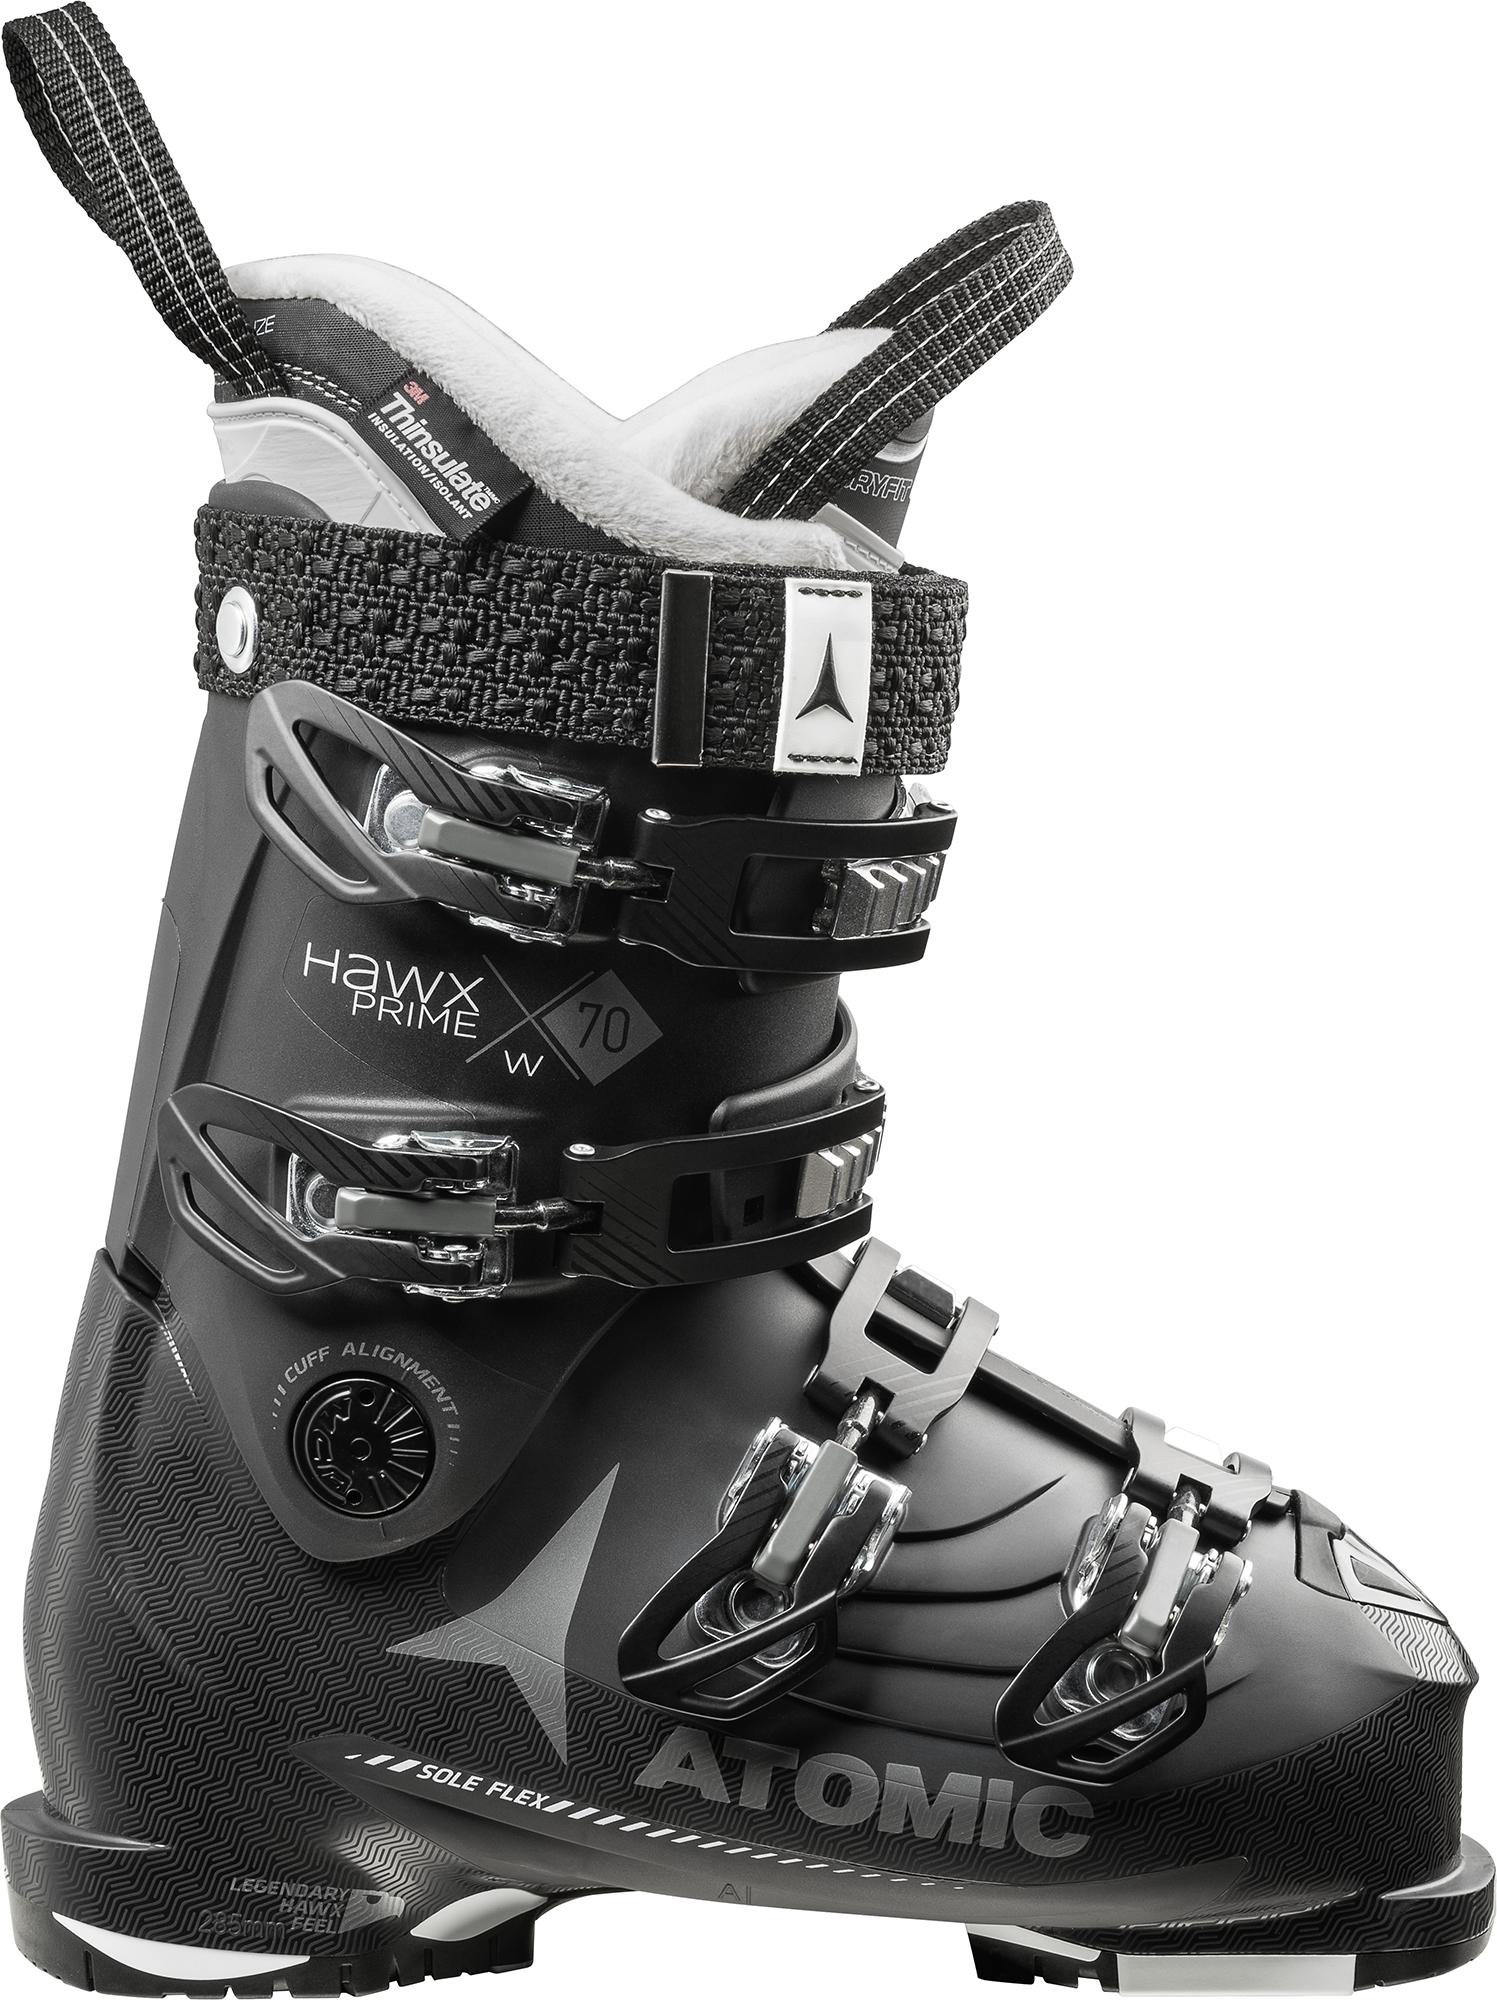 Atomic Ботинки горнолыжные женские Atomic Hawx Prime 70, размер 41.5 цена